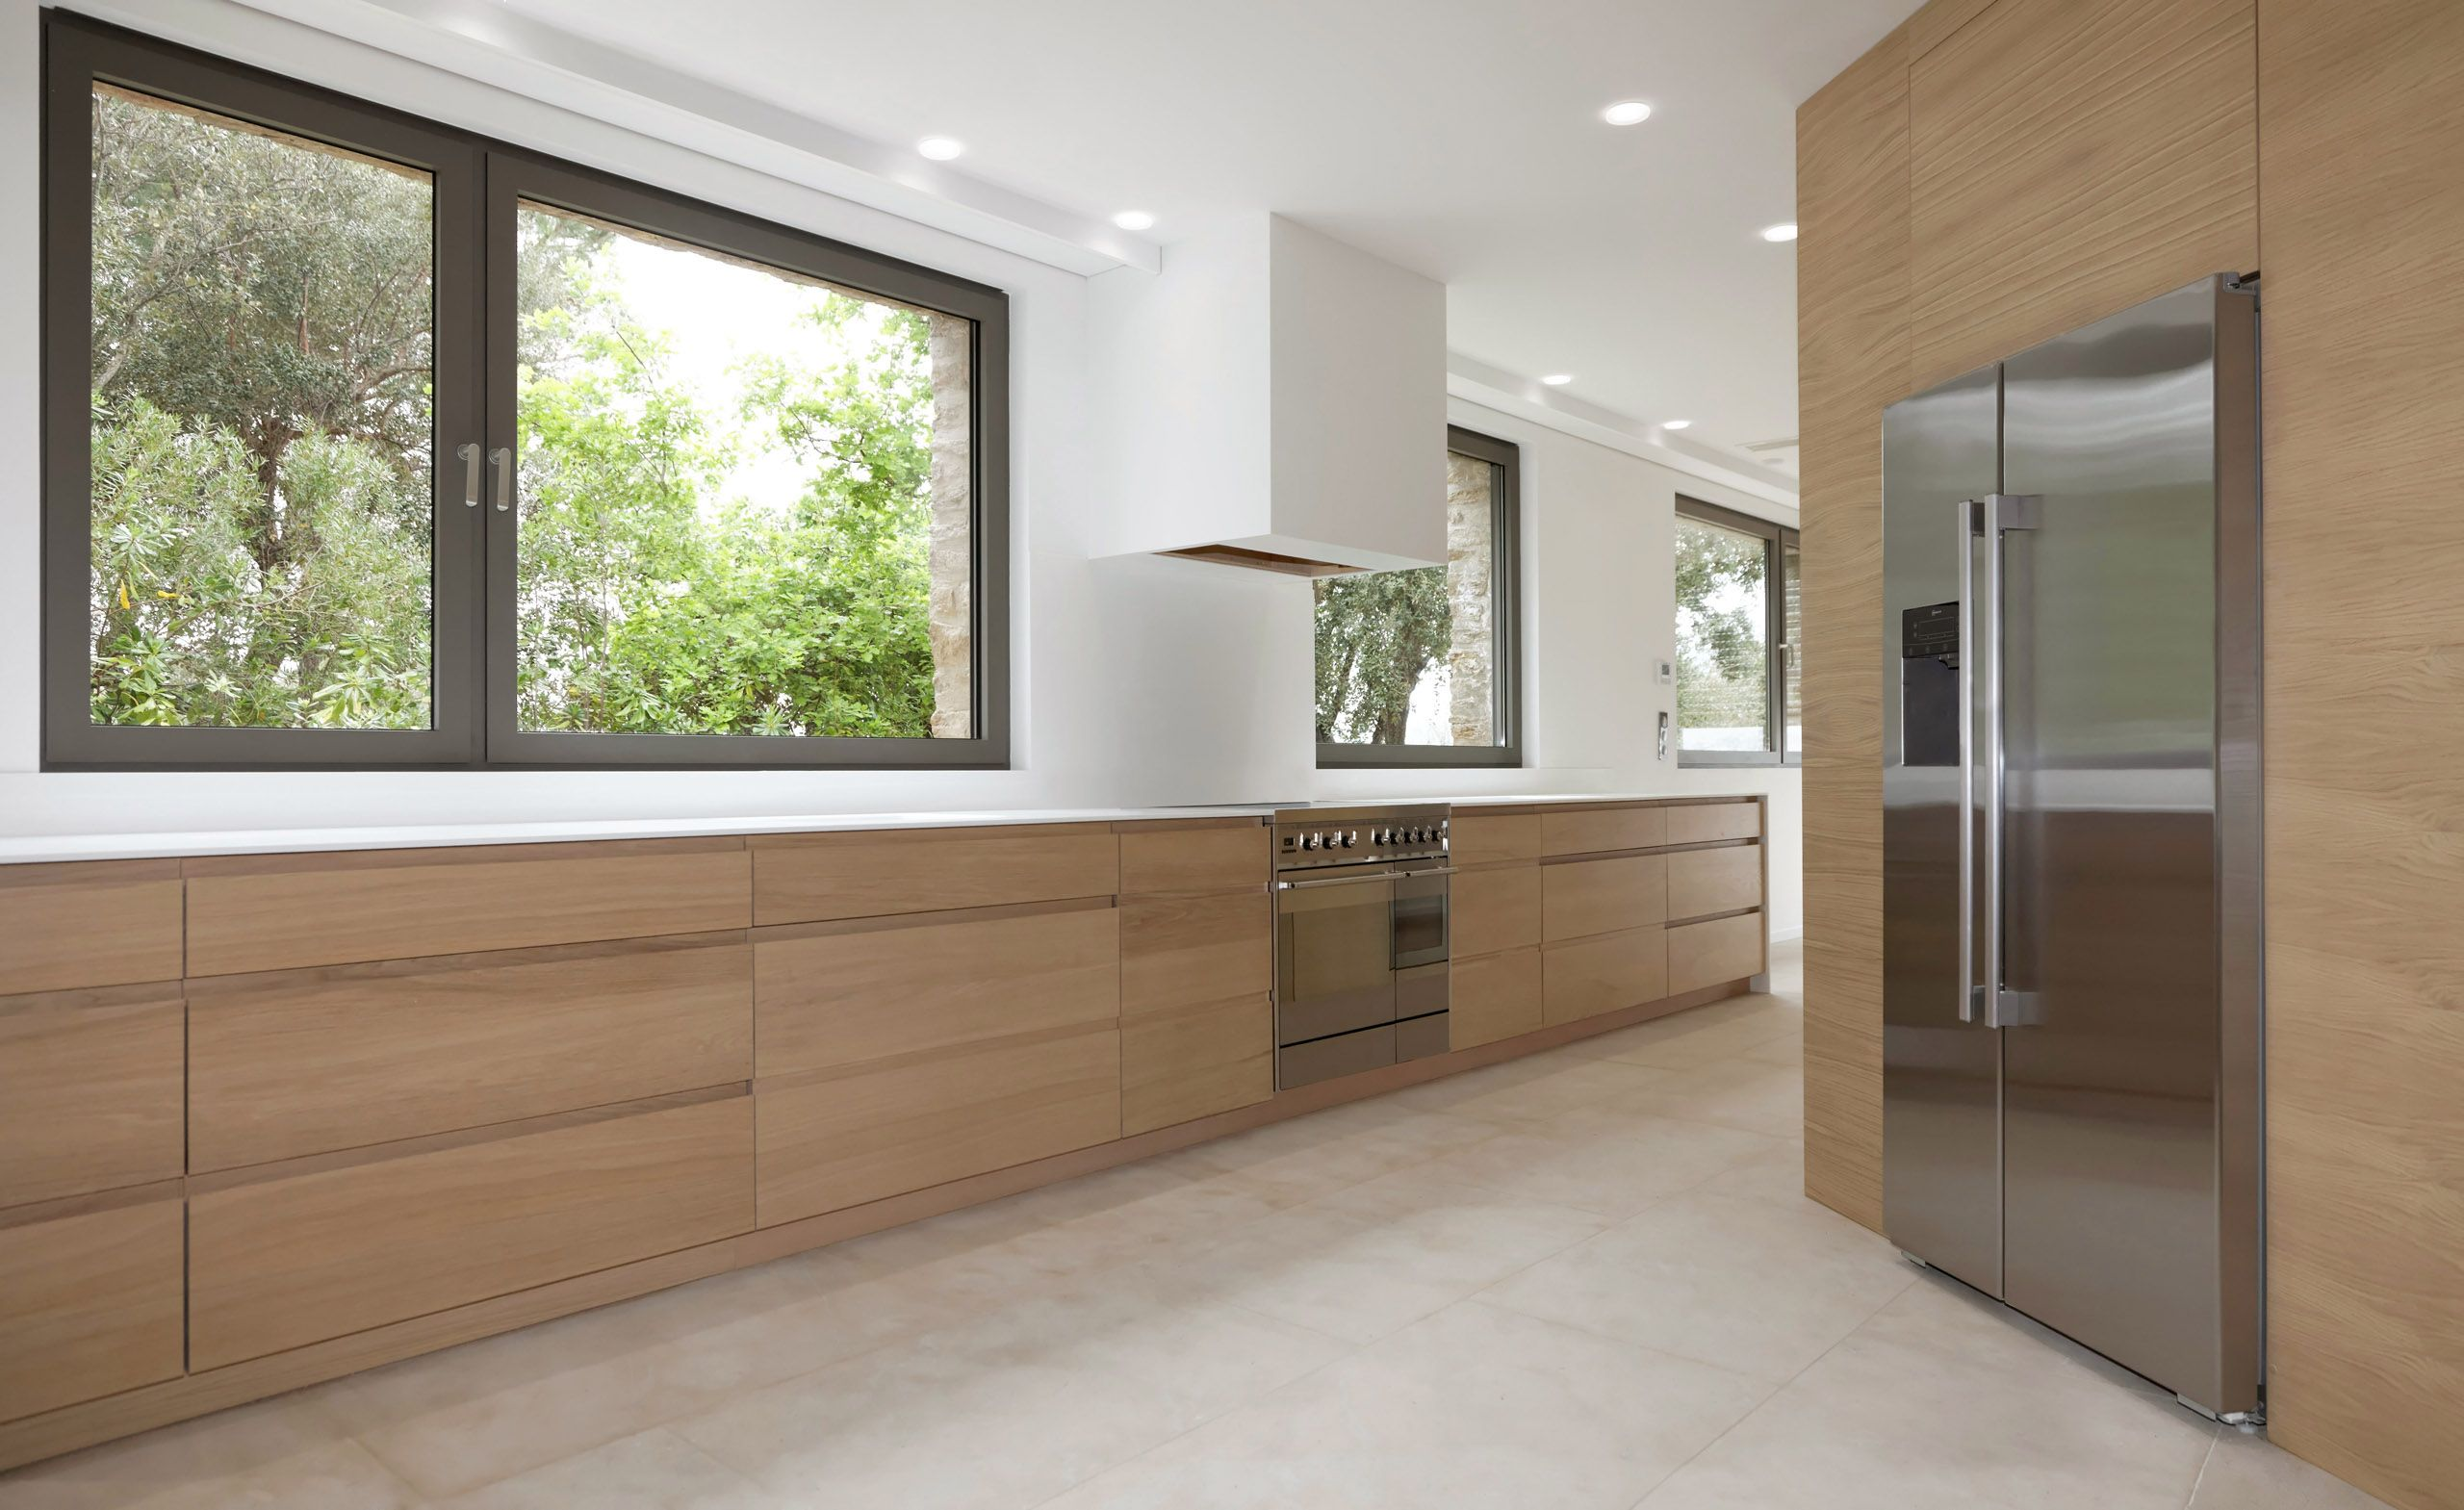 R alisation d une cuisine en bois et plan de travail en corian pour une villa saint tropez - Cuisine en corian ...